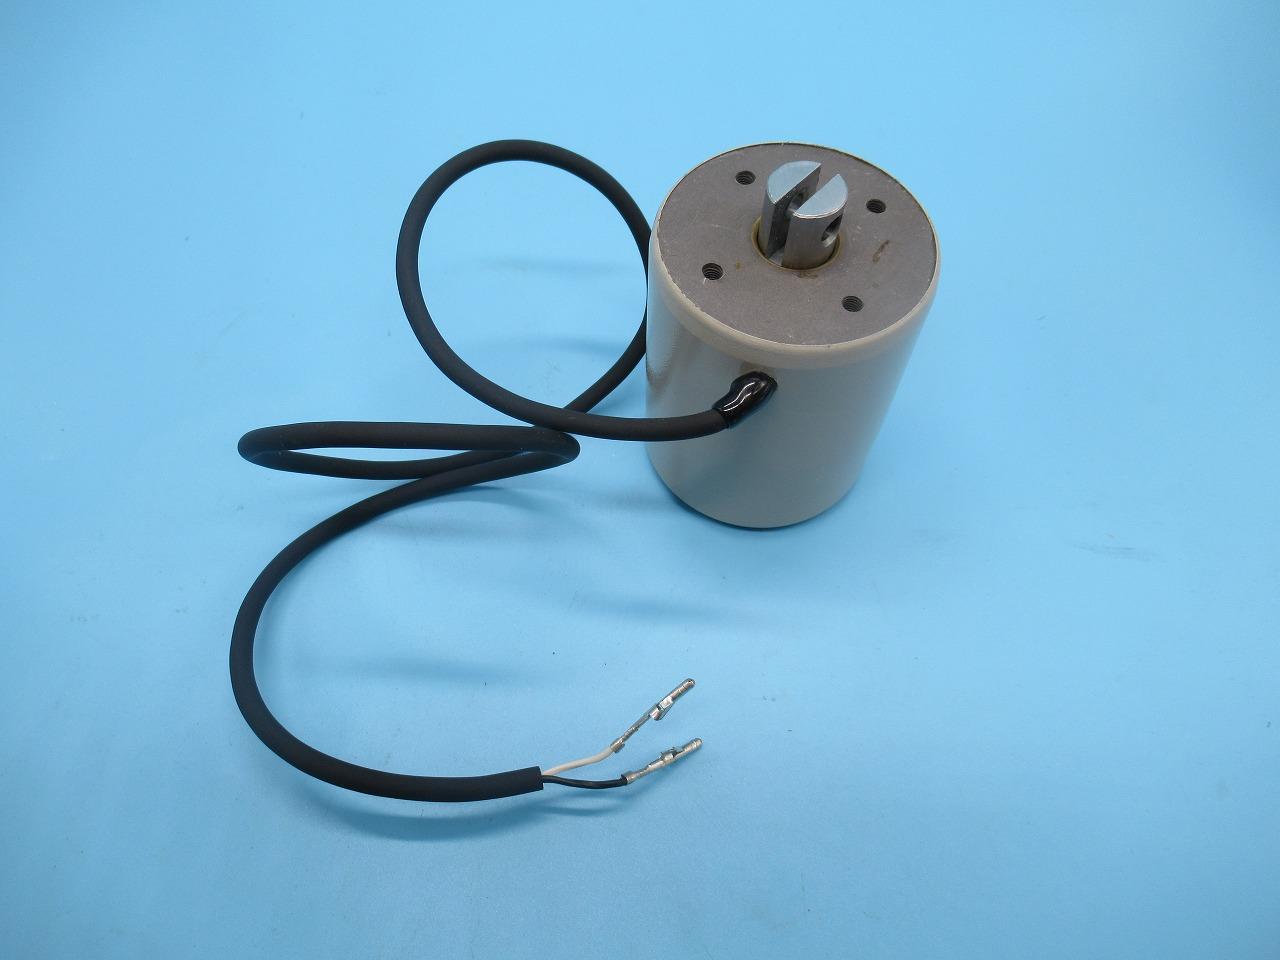 新品 三菱 LY2-3310機種用 入手困難 注文後の変更キャンセル返品 ソレノイドパーツNO:MG34E0519